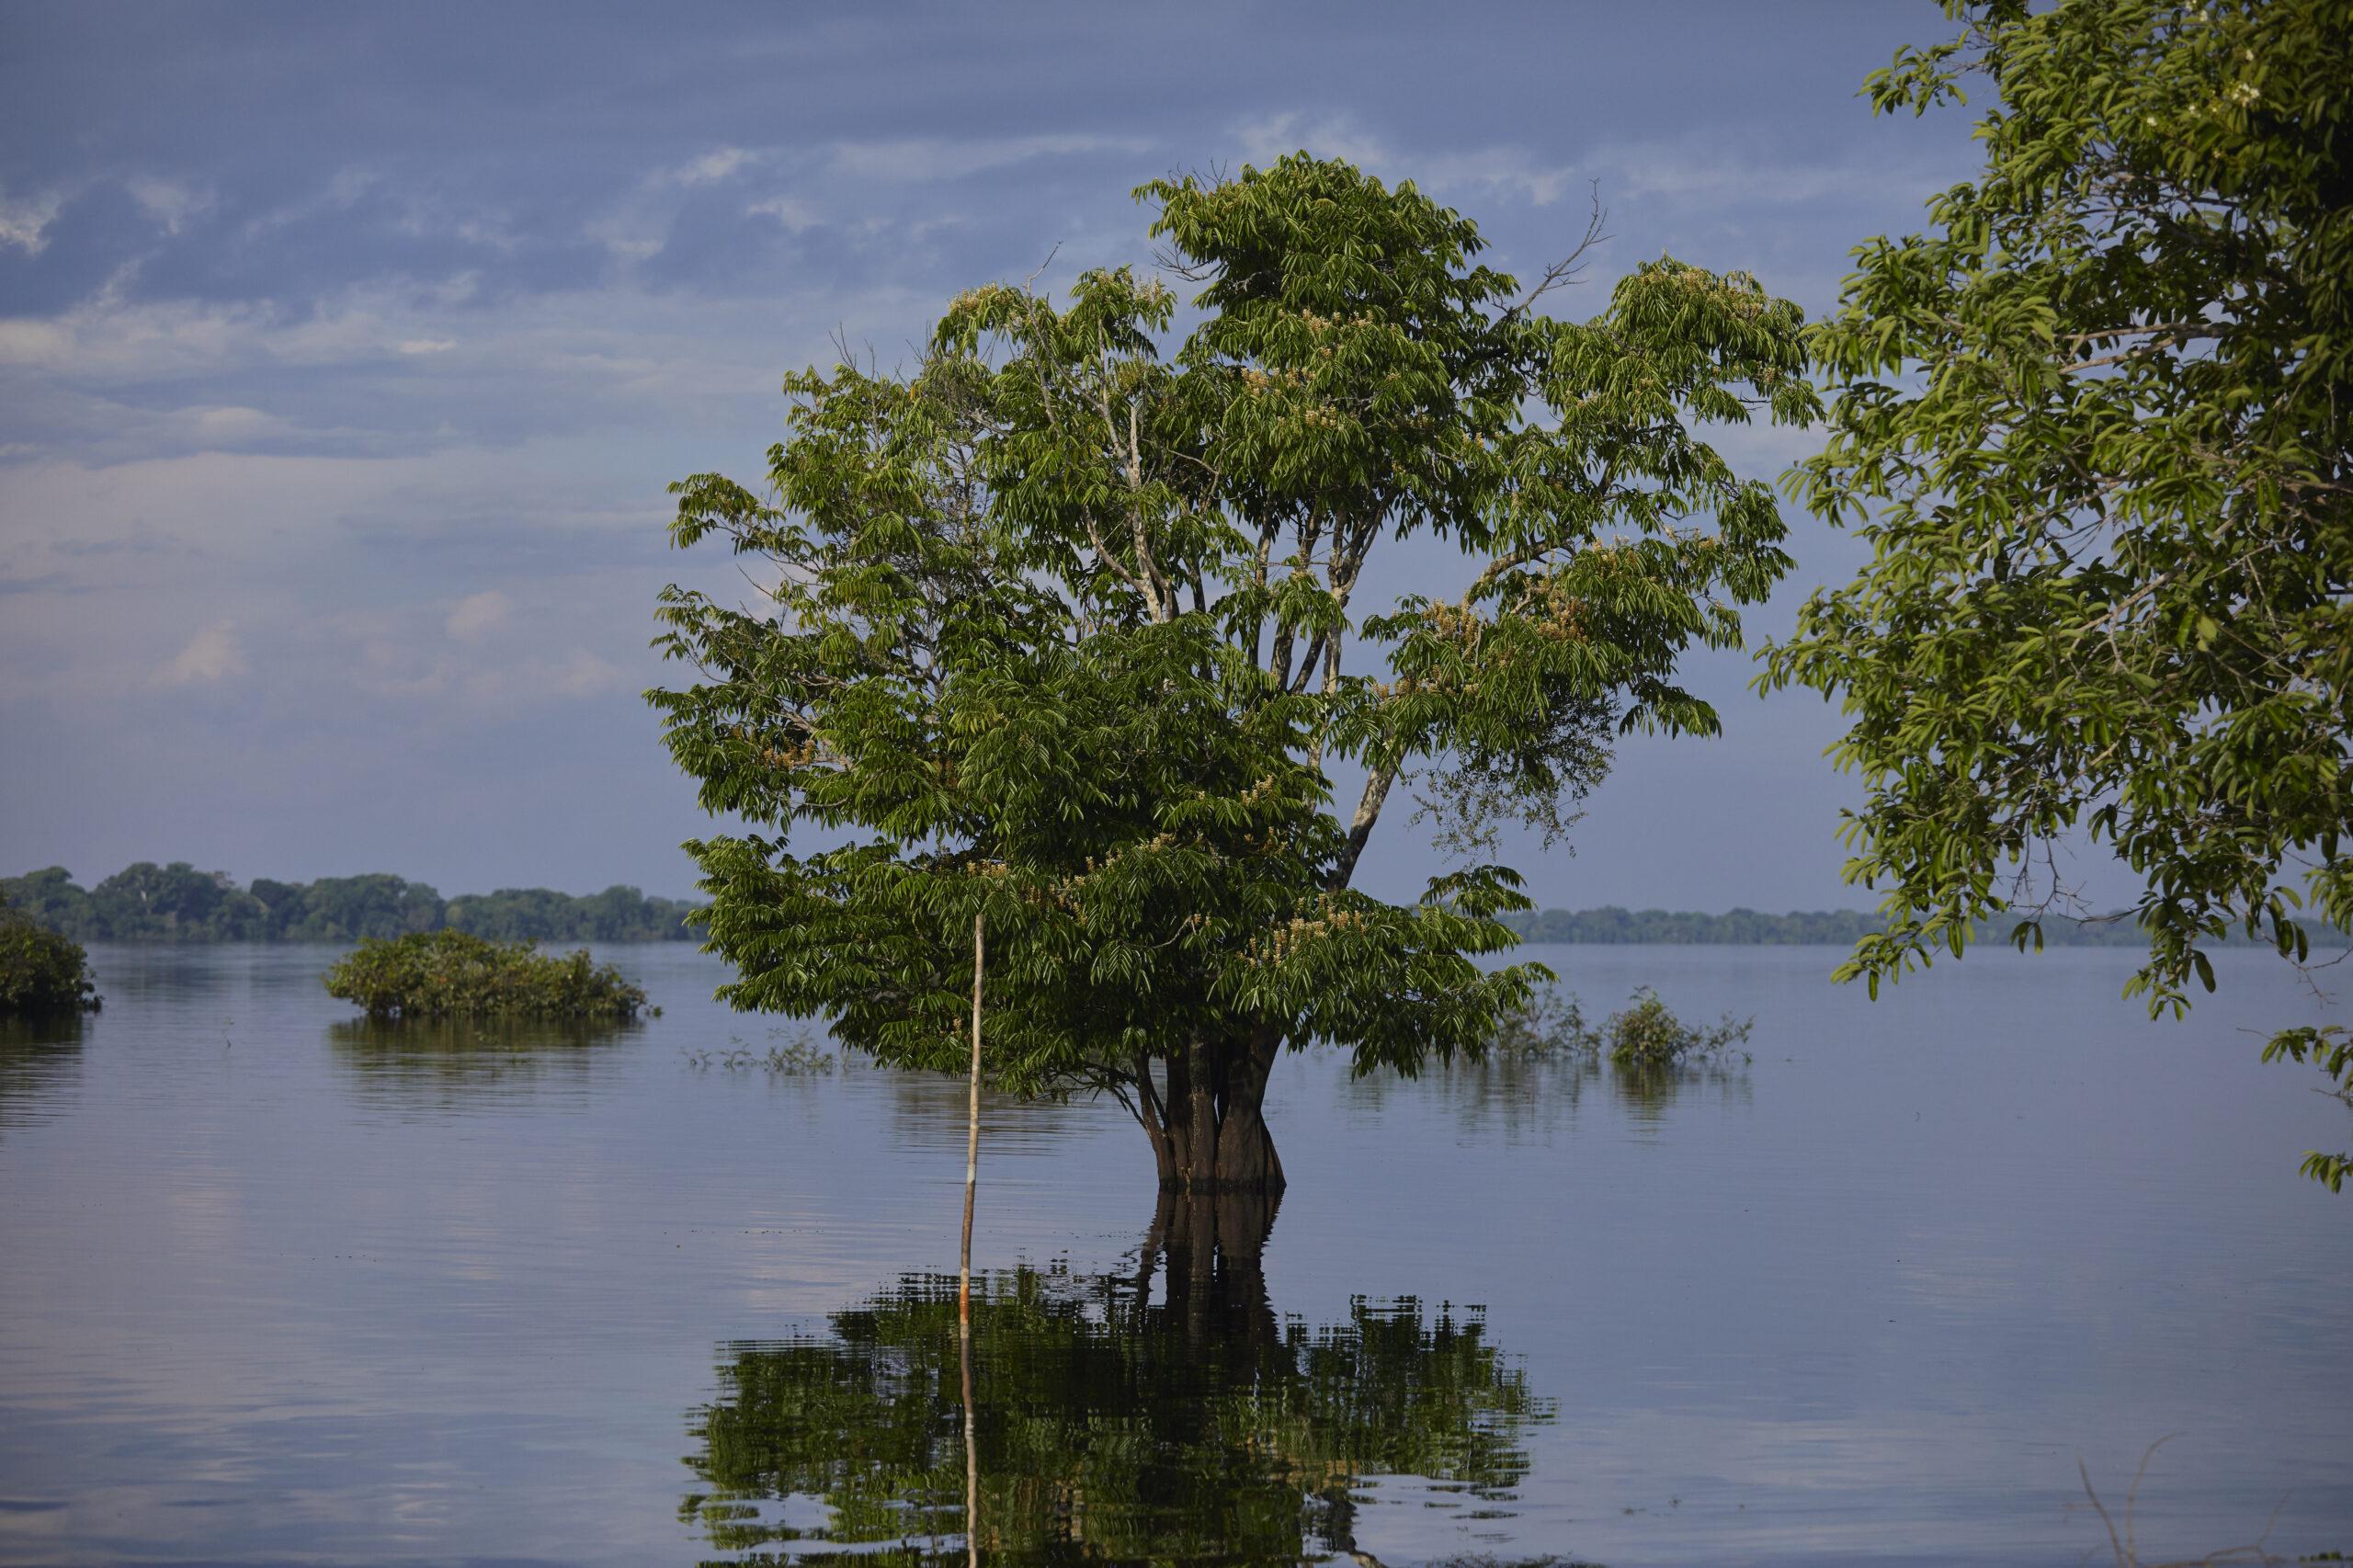 Curso de especialização em estudos amazônicos abre inscrições no dia 5 de julho